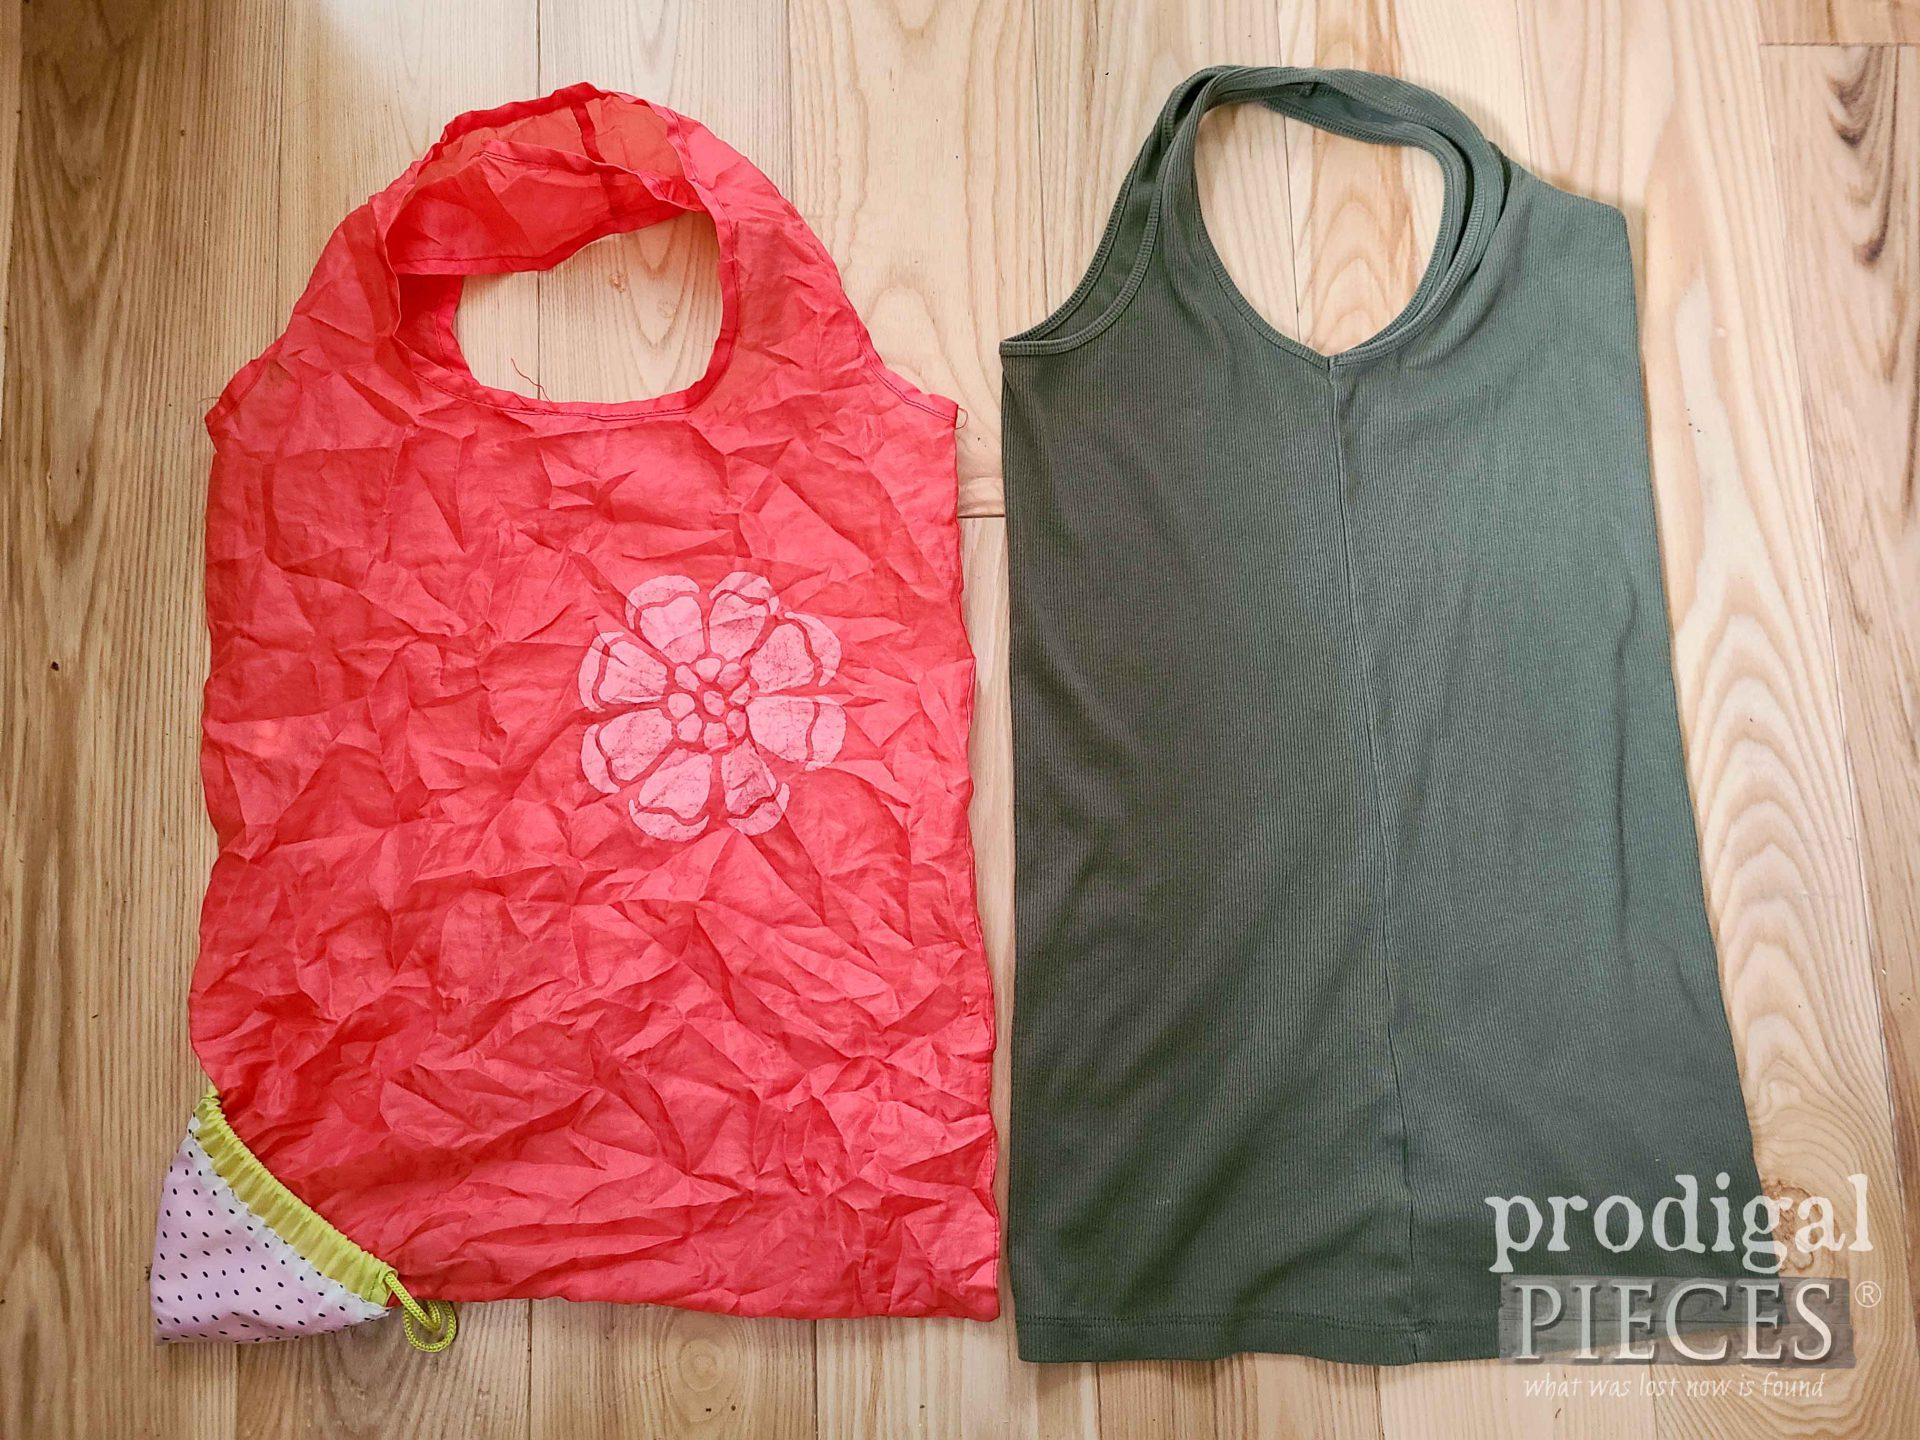 Reusable Bag and Tank Top   prodigalpieces.com